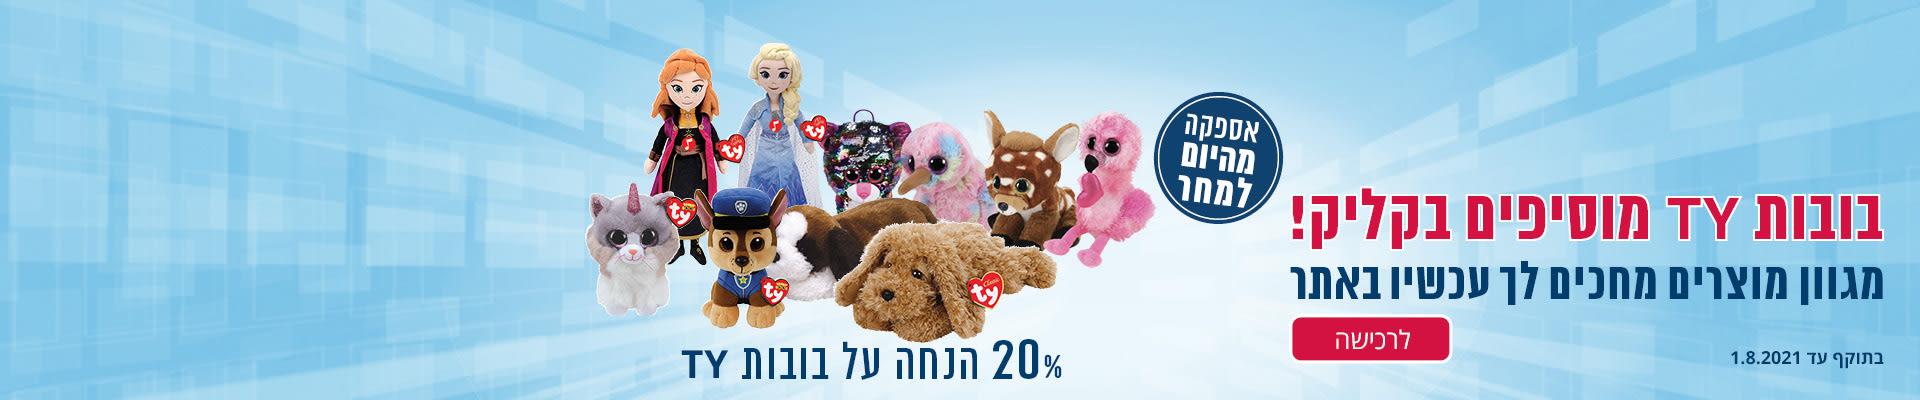 בובות TY מוסיפים בקליק! מגוון מוצרים מחכים לך עכשיו באתר 20% הנחה על בובות TY אספקה מהיום למחר לרכישה בתוקף עד 1.8.2021